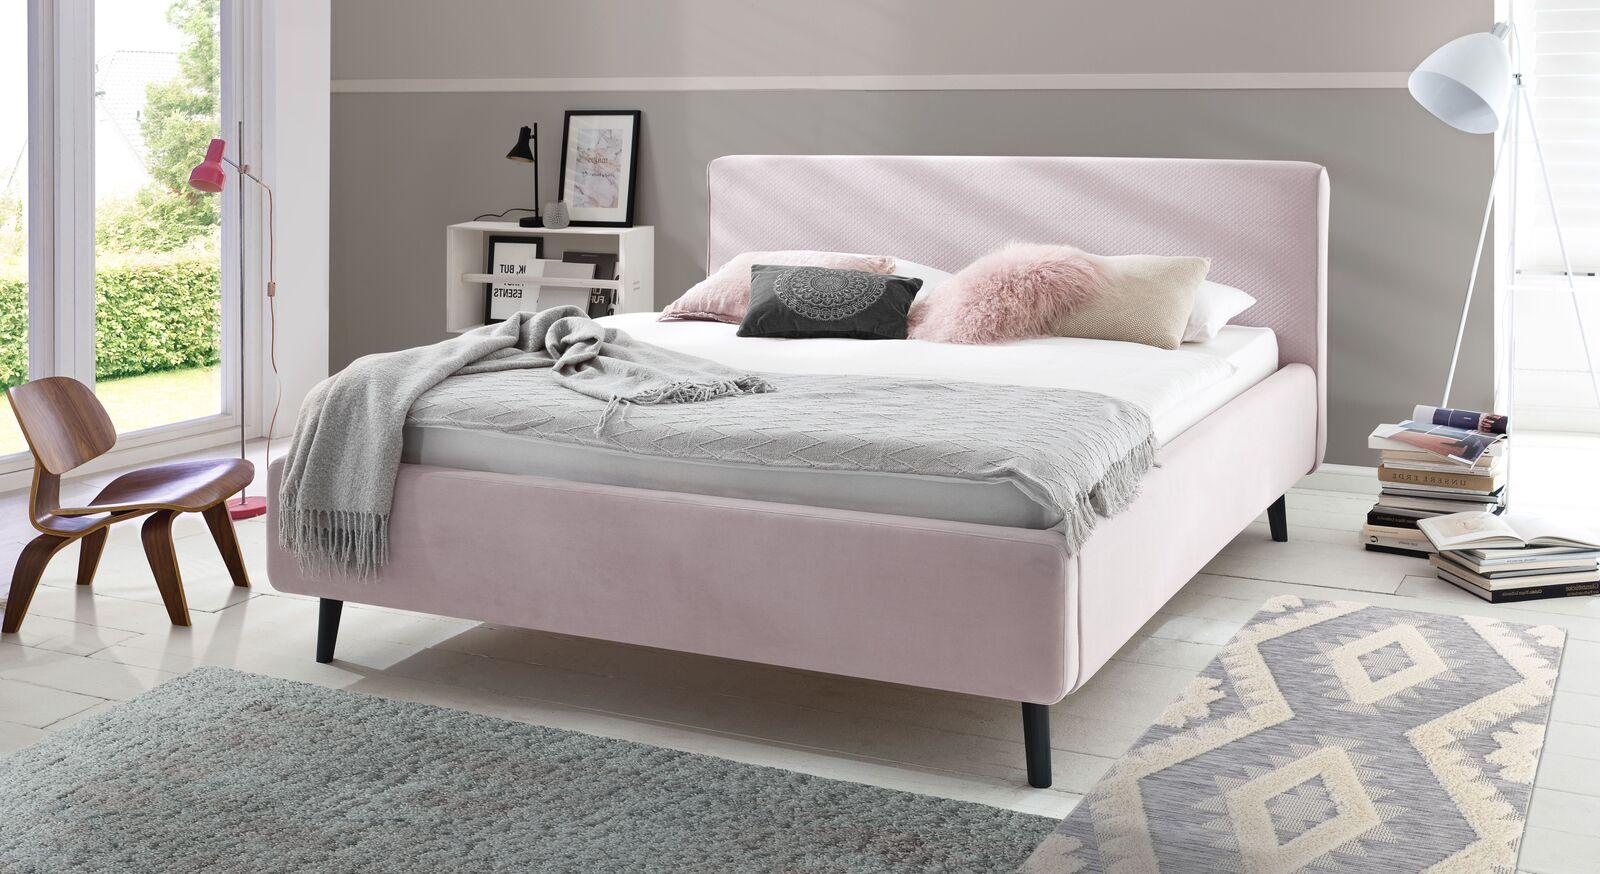 Angesagtes Bett Inara mit Stoffbezug in Altrosa